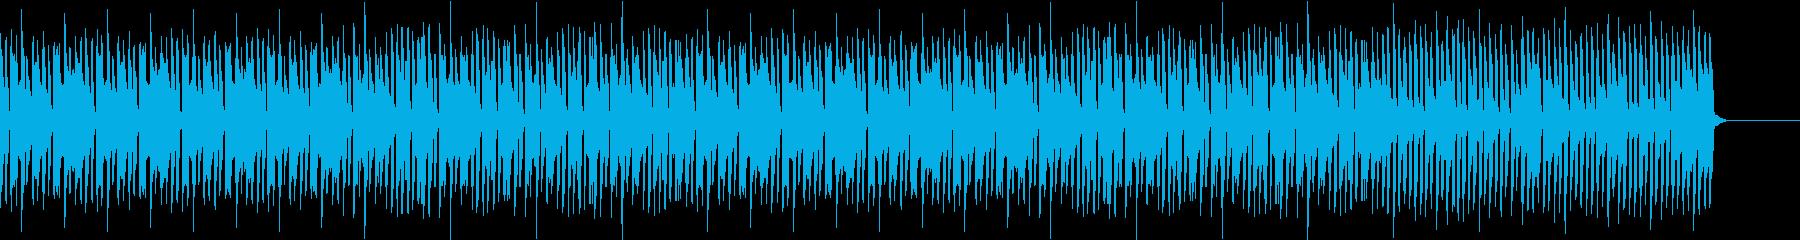 チュートリアルのような優しい音楽の再生済みの波形